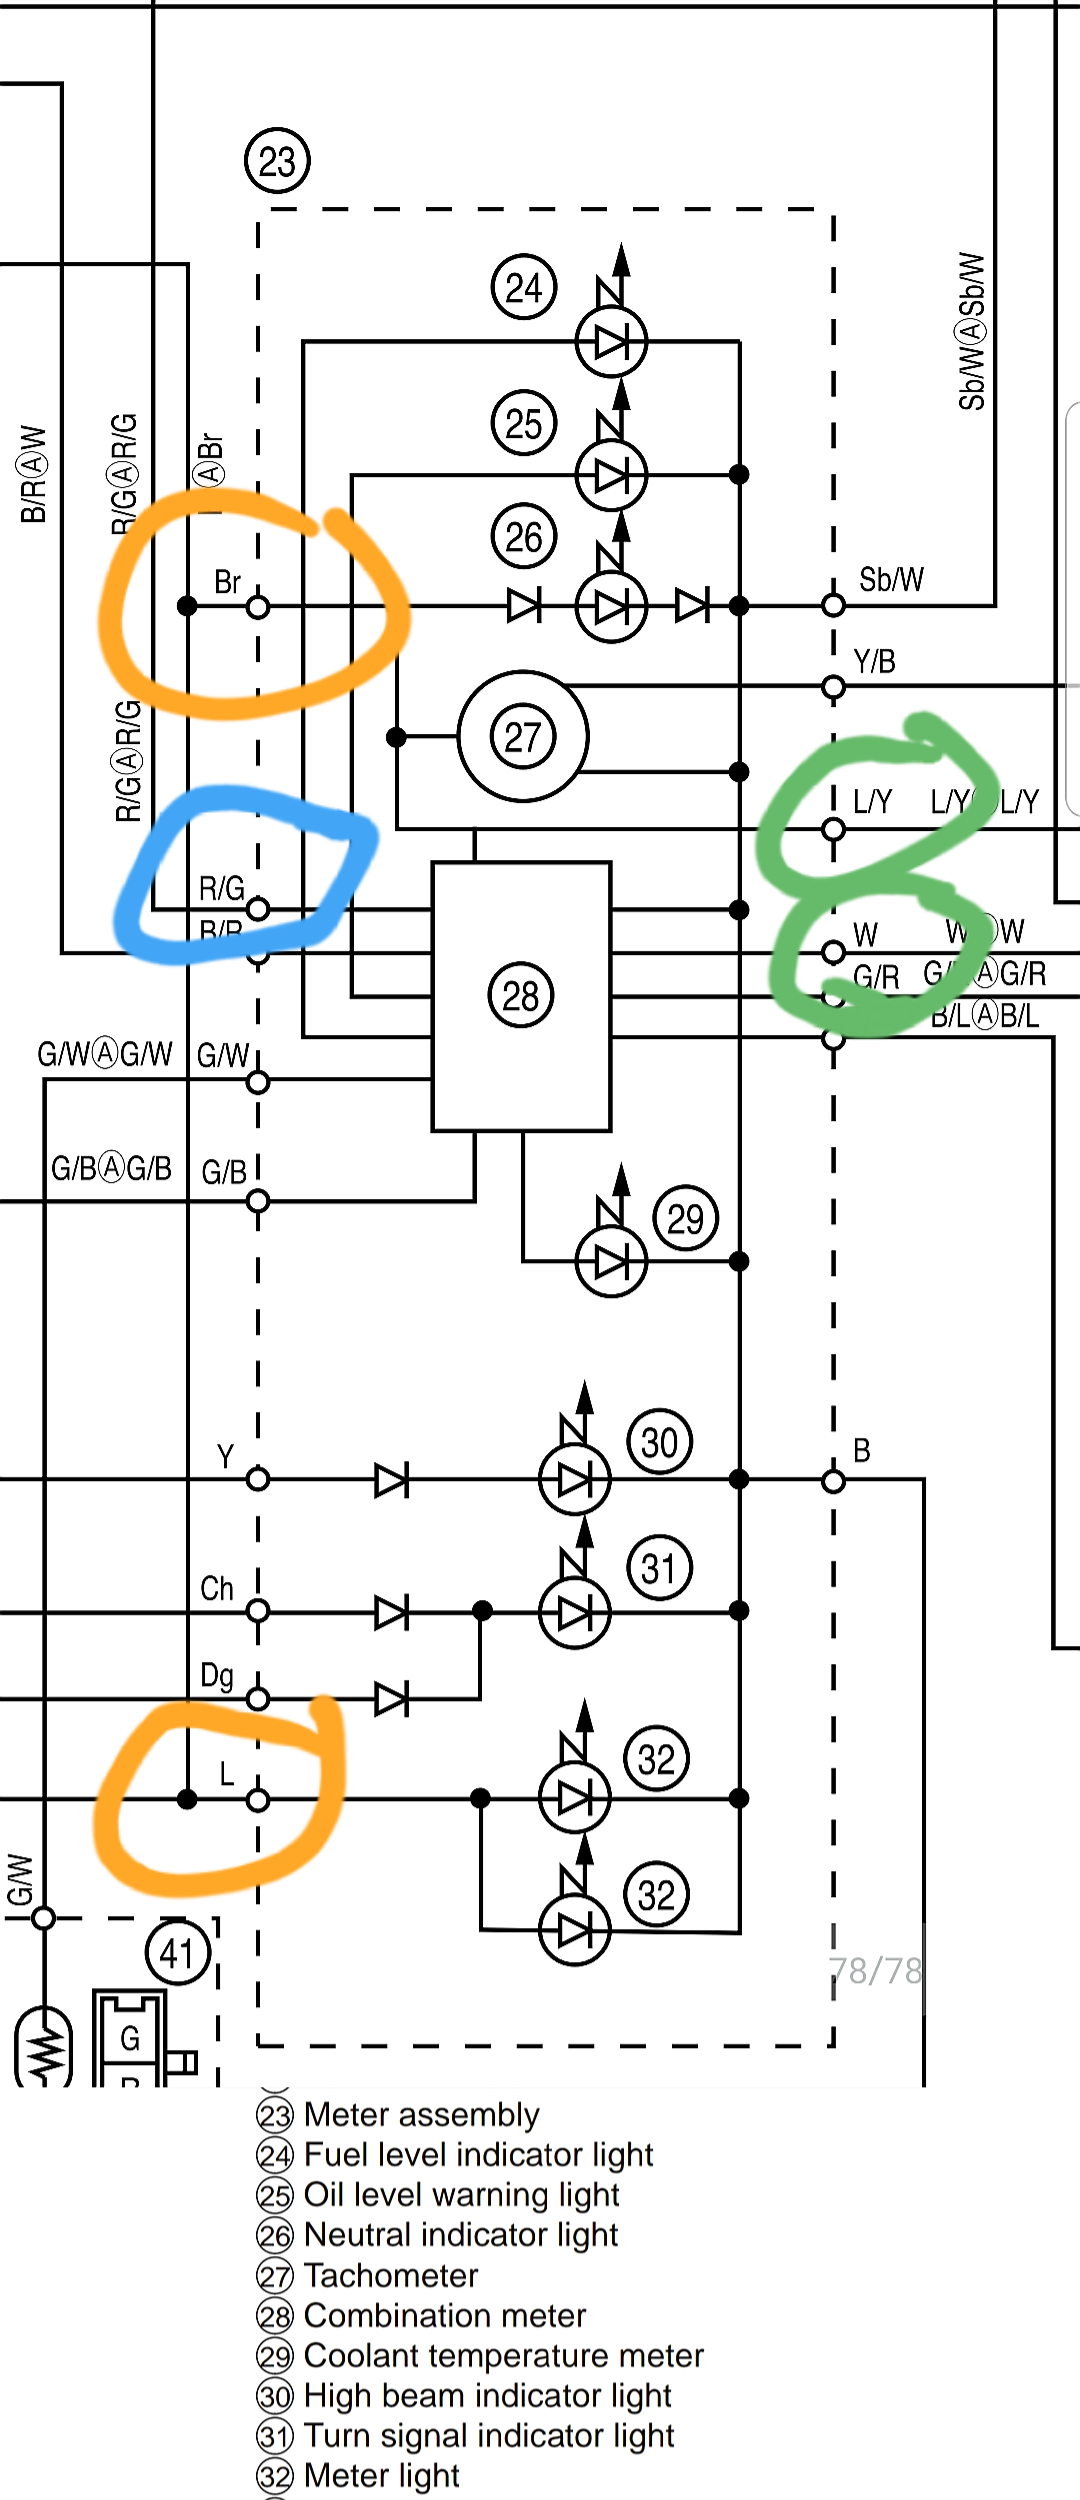 2006 yamaha r1 wiring diagram 2000 yzf 1000 r1 wiring diagram e24 wiring diagram  2000 yzf 1000 r1 wiring diagram e24